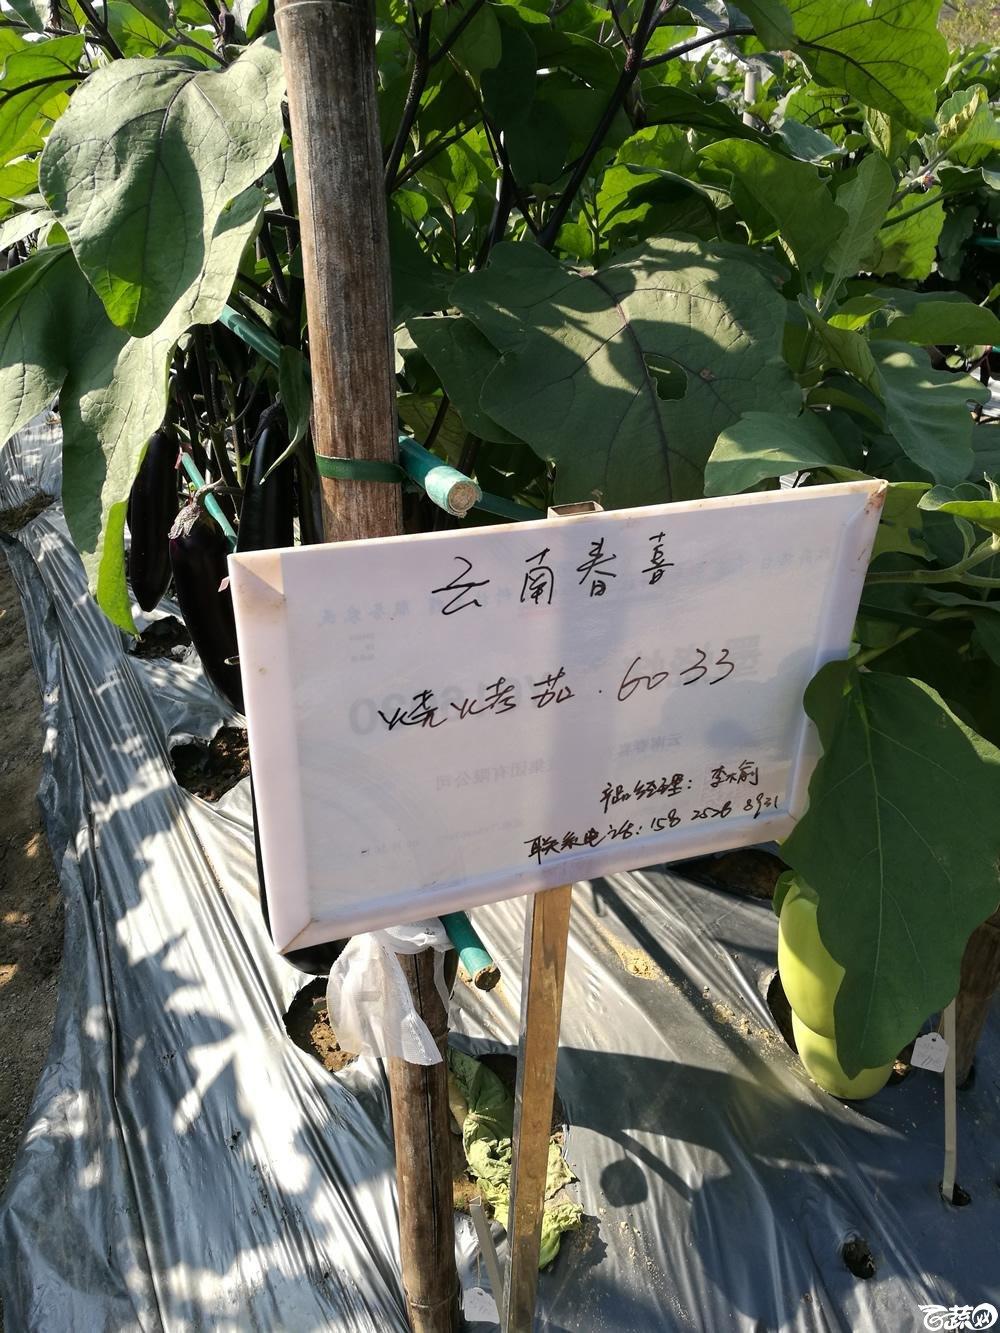 2016年15届广东种博会,云南春喜农业公司烧烤茄6033_001.jpg